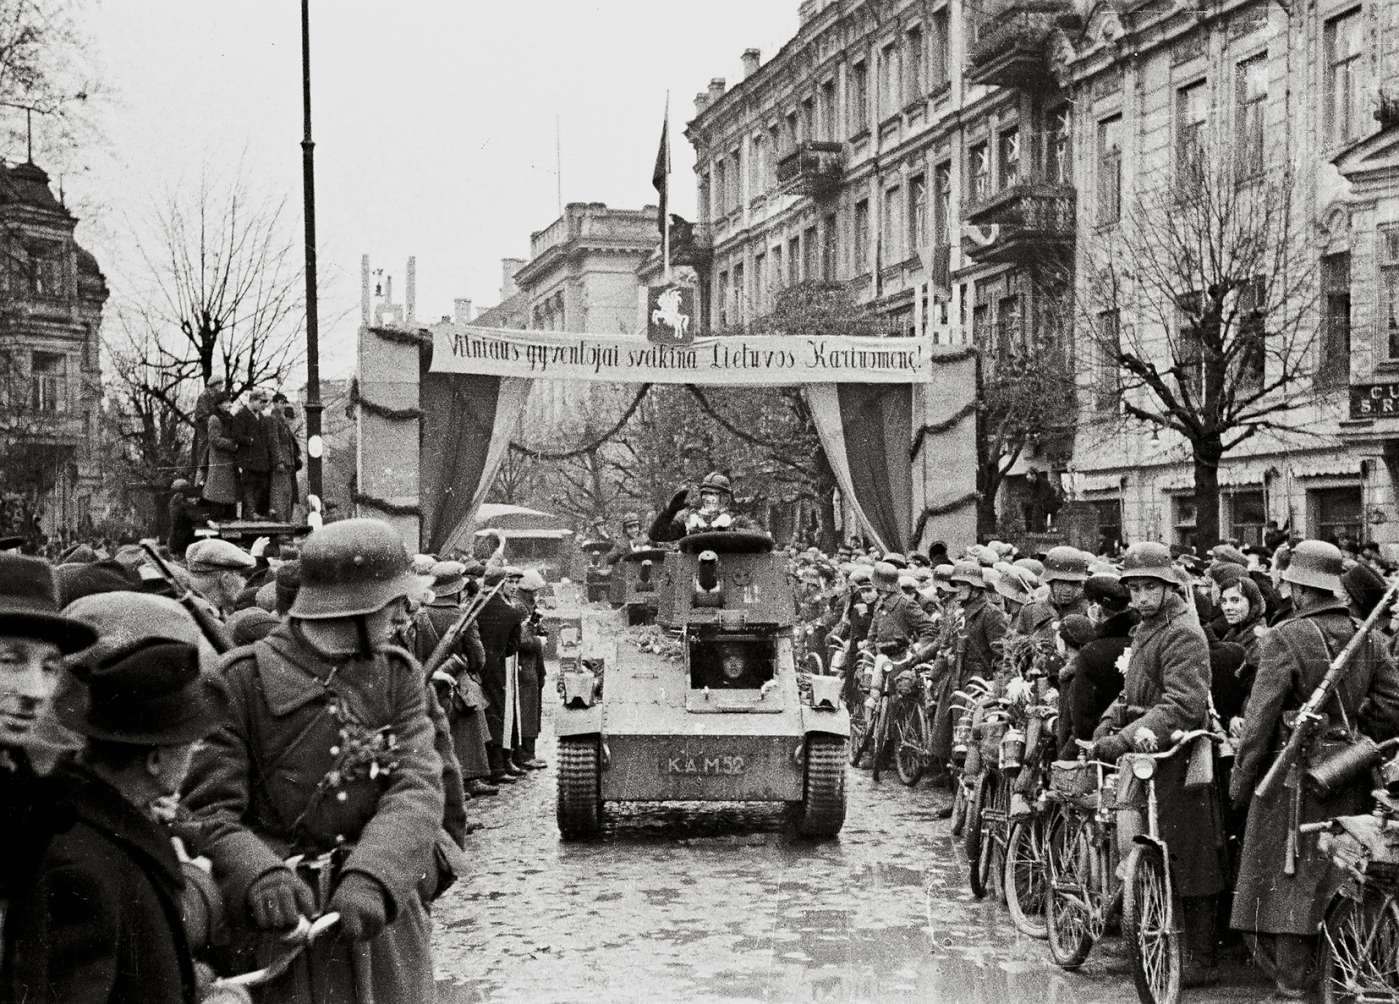 J. Miežlaiškis. Lietuvos kaiuomėnė įžengia į sugražintą Vilnių. 1939 m. | V. Juraičio archyvo nuotr.